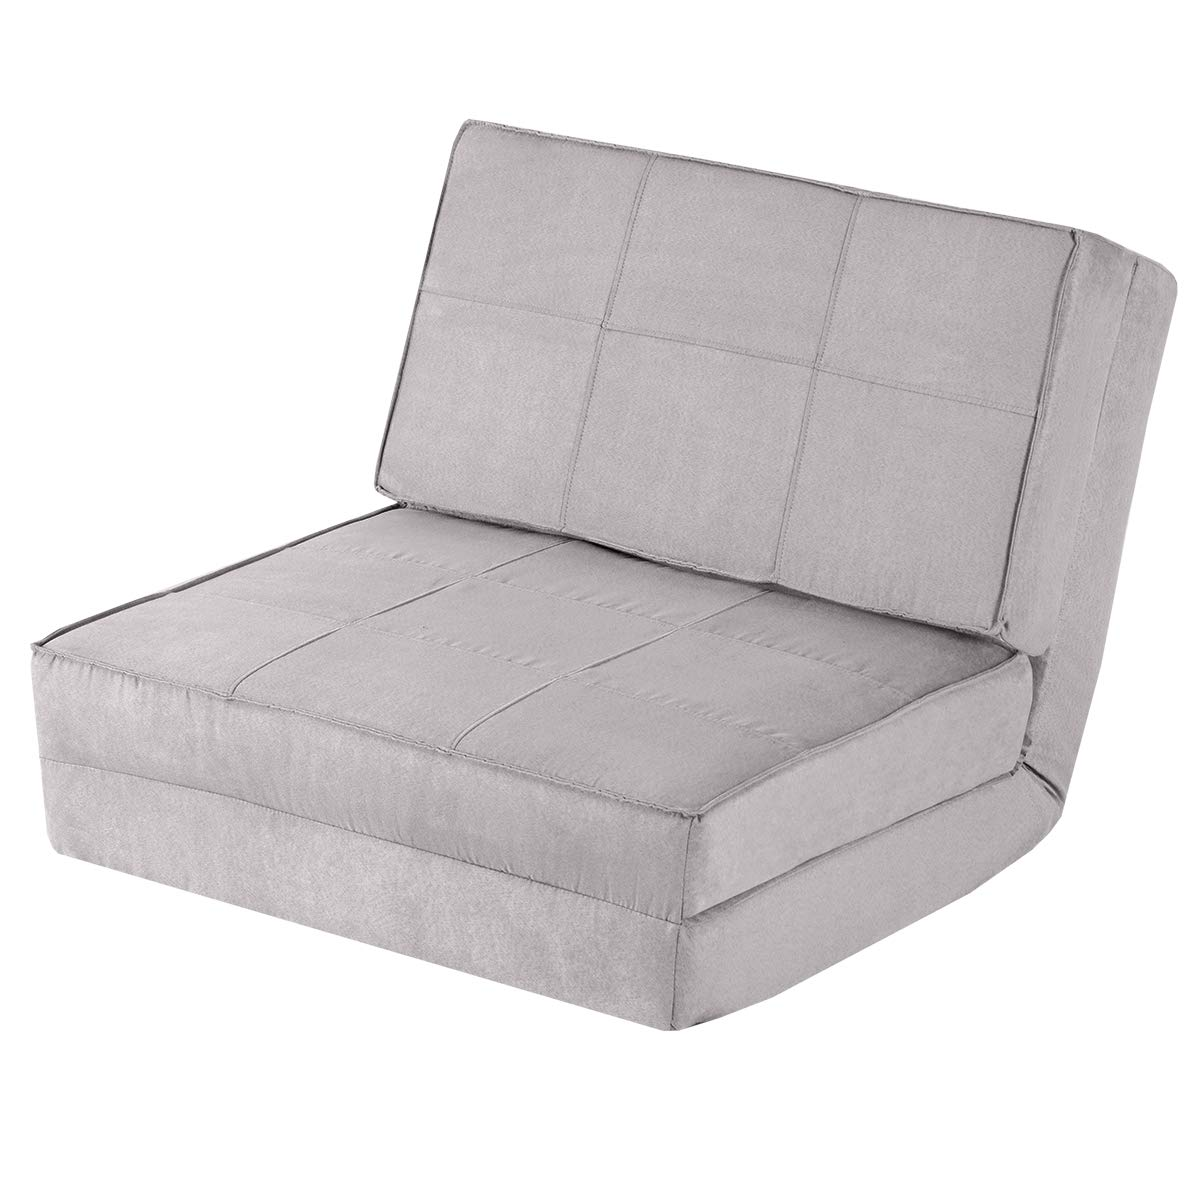 Folding Cushion Chair Bed Chair Pads Amp Cushions